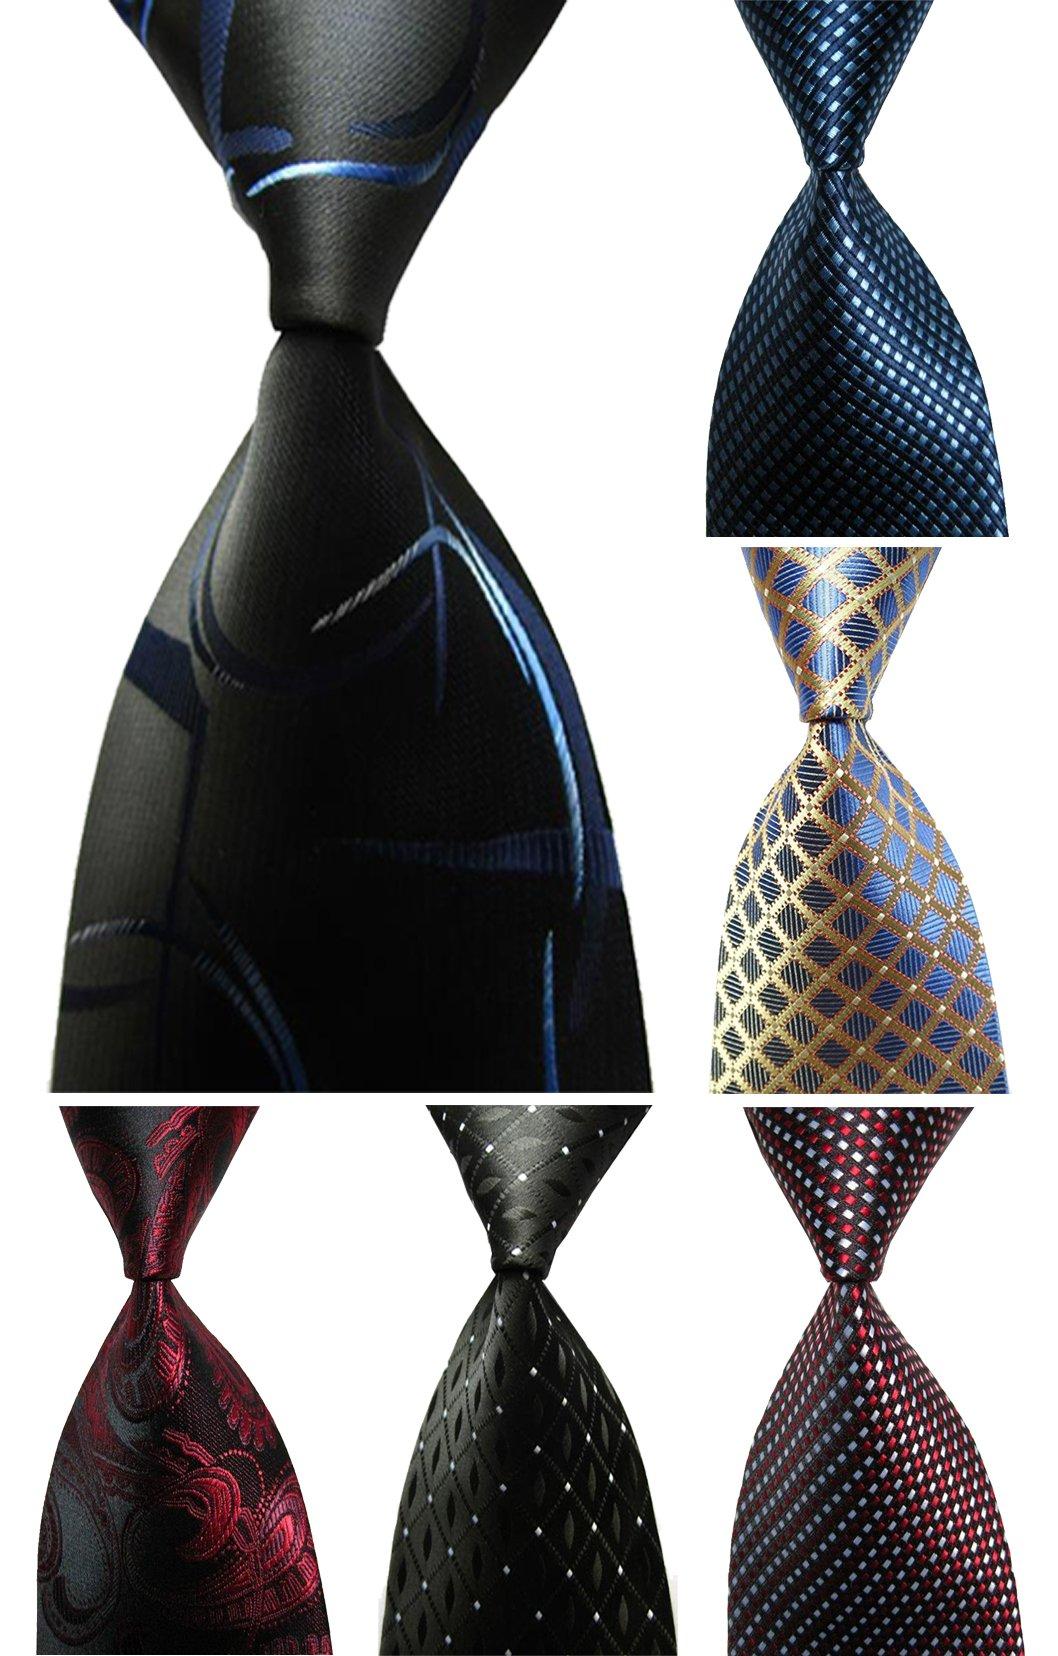 Wehug Lot 6 PCS Men's Ties 100% Silk Tie Woven Necktie Jacquard Neck Ties style003